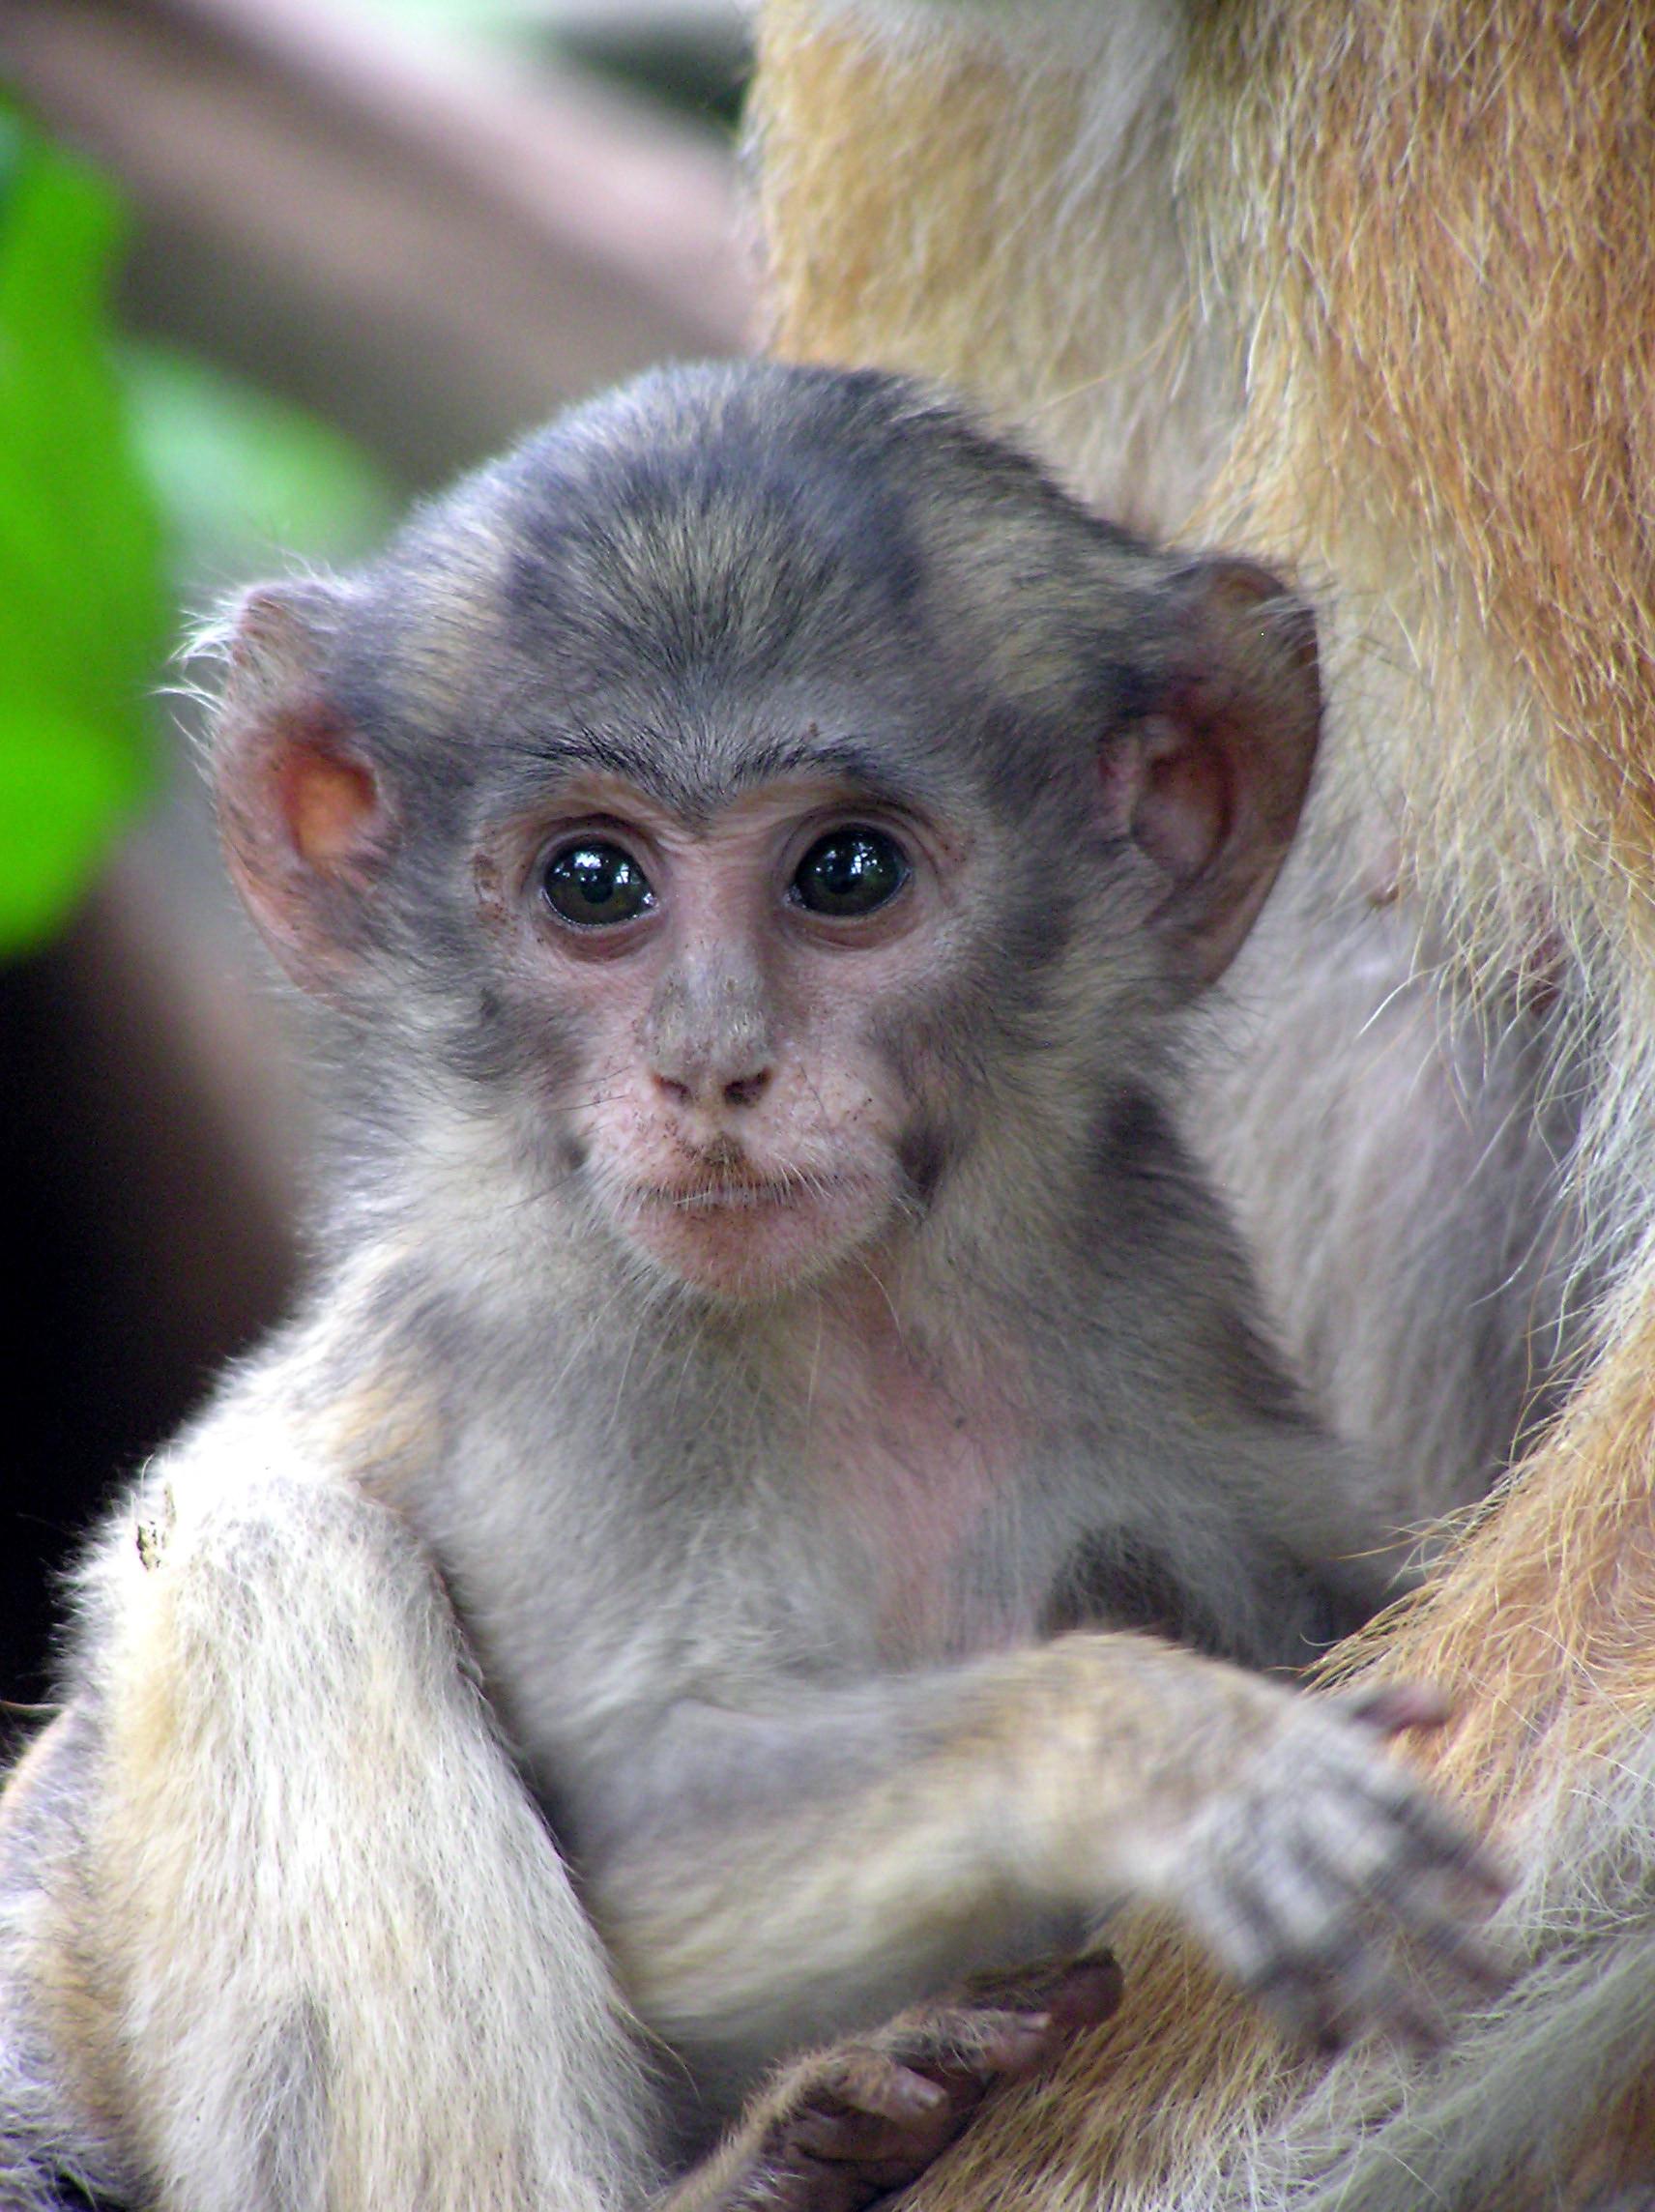 white monkey photo